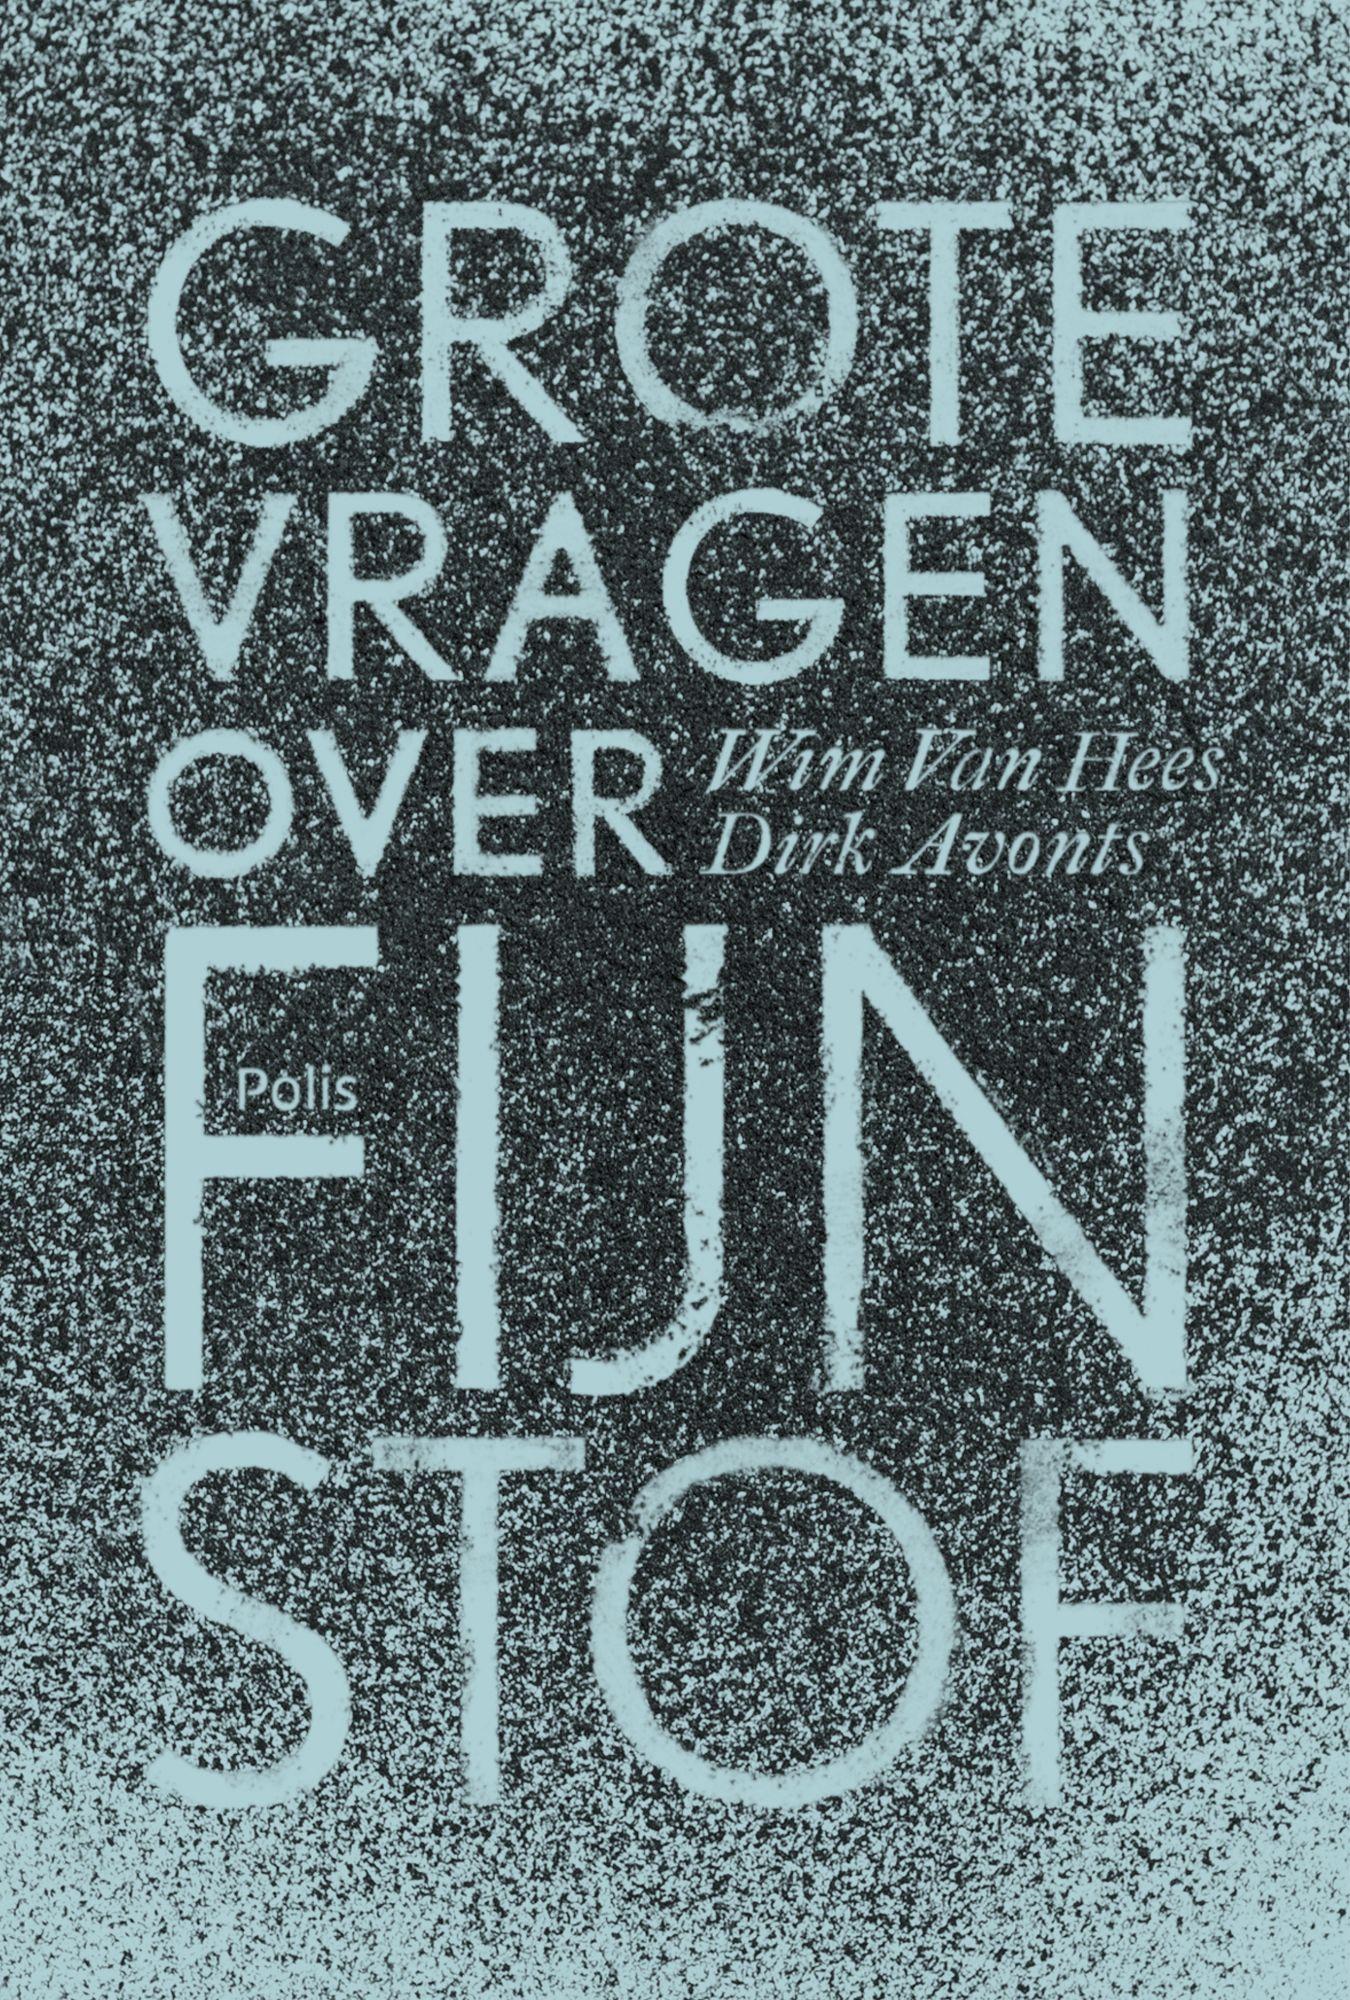 Wim Van Hees en Dirk Avonts - Grote vragen of fijnstof